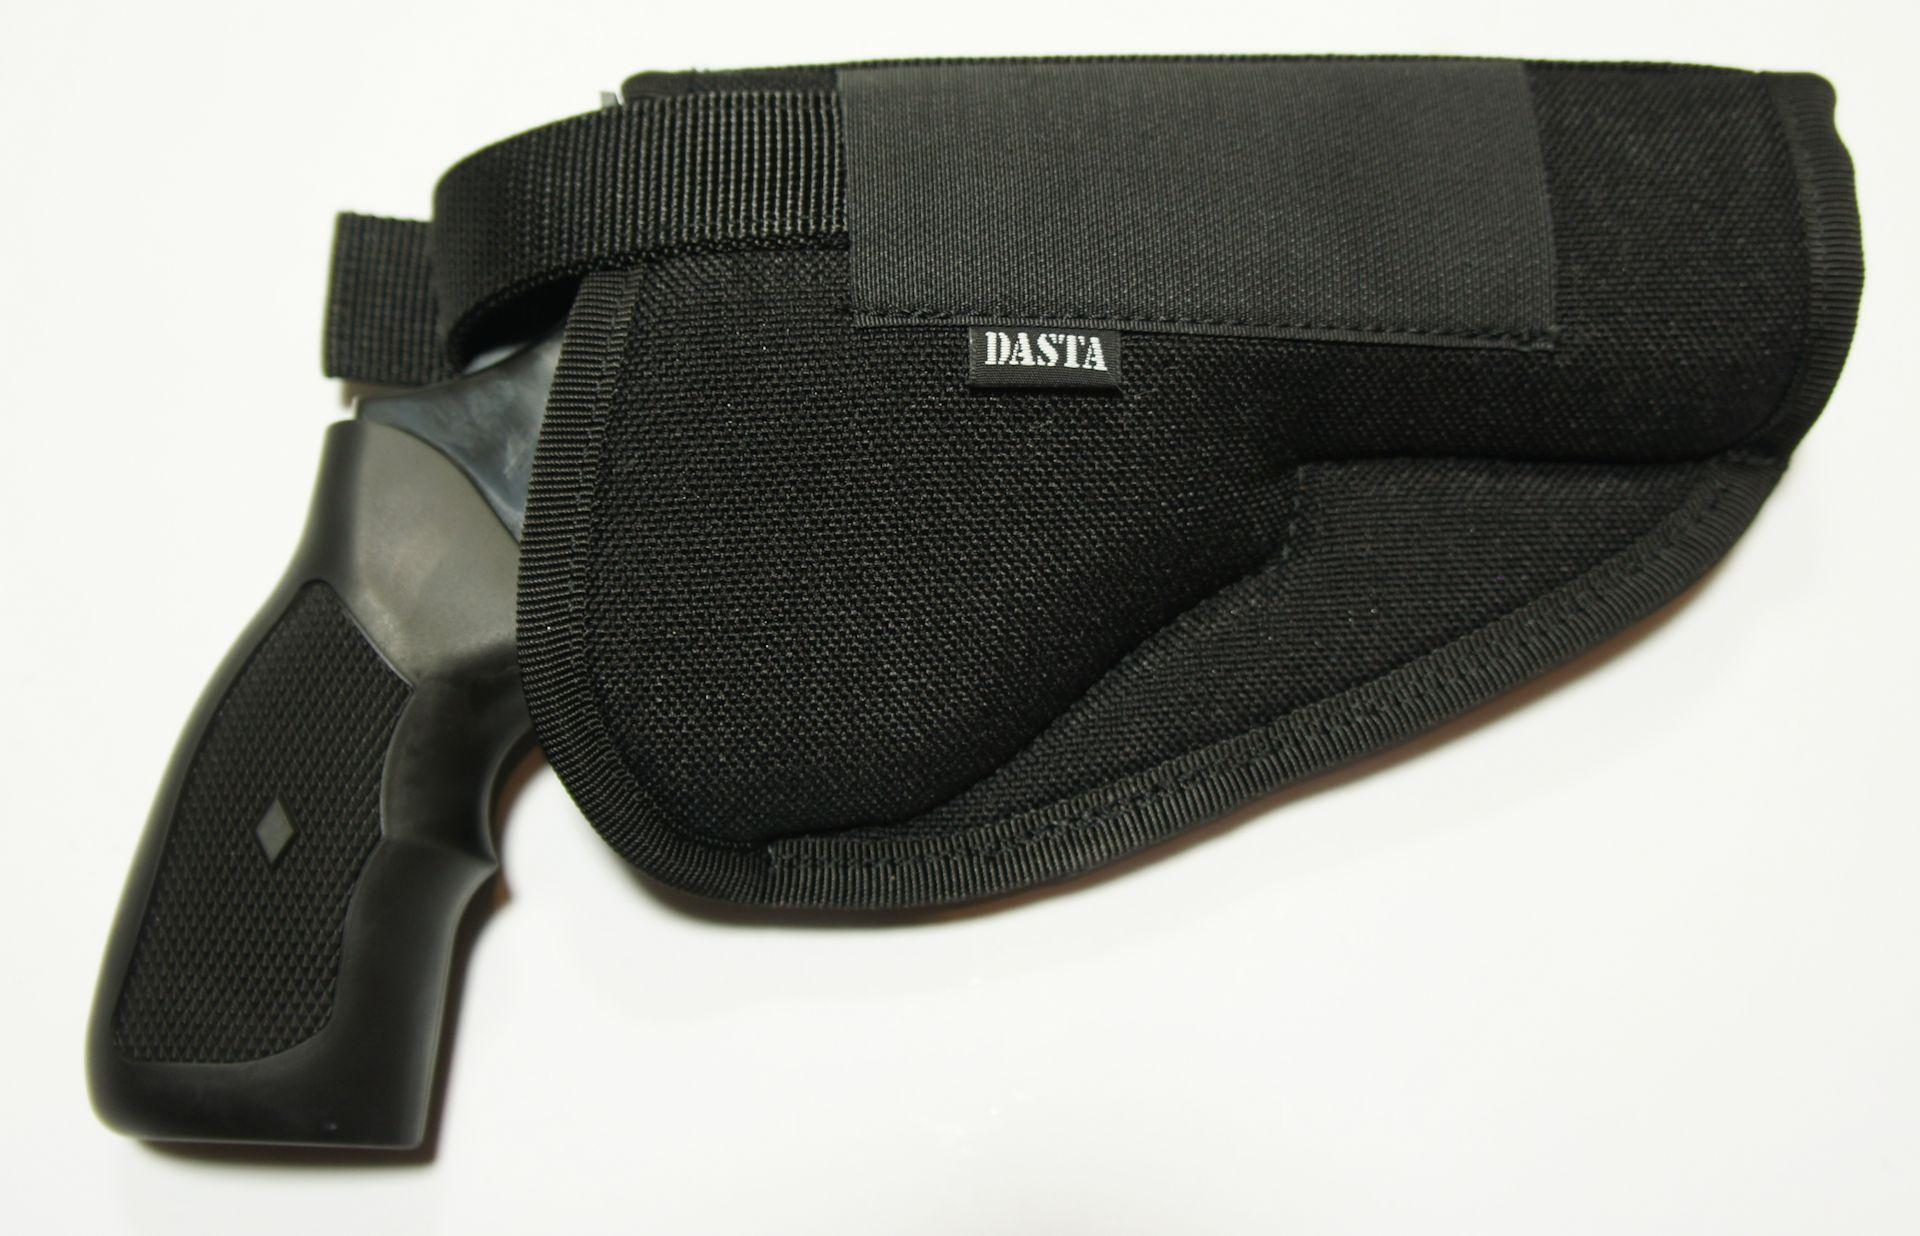 Kombinationsbeispiel eines LEP Revolvers mit <a href=1260146.htm>passendem Gürtelholster Nr. 1260146 </a>. Wenn Sie für Ihren revolver ein Holster aus Leder bevorzugen, kann ich Ihnen gerne <a href=1260109.htm>ein passendes Lederholster</a> anbieten